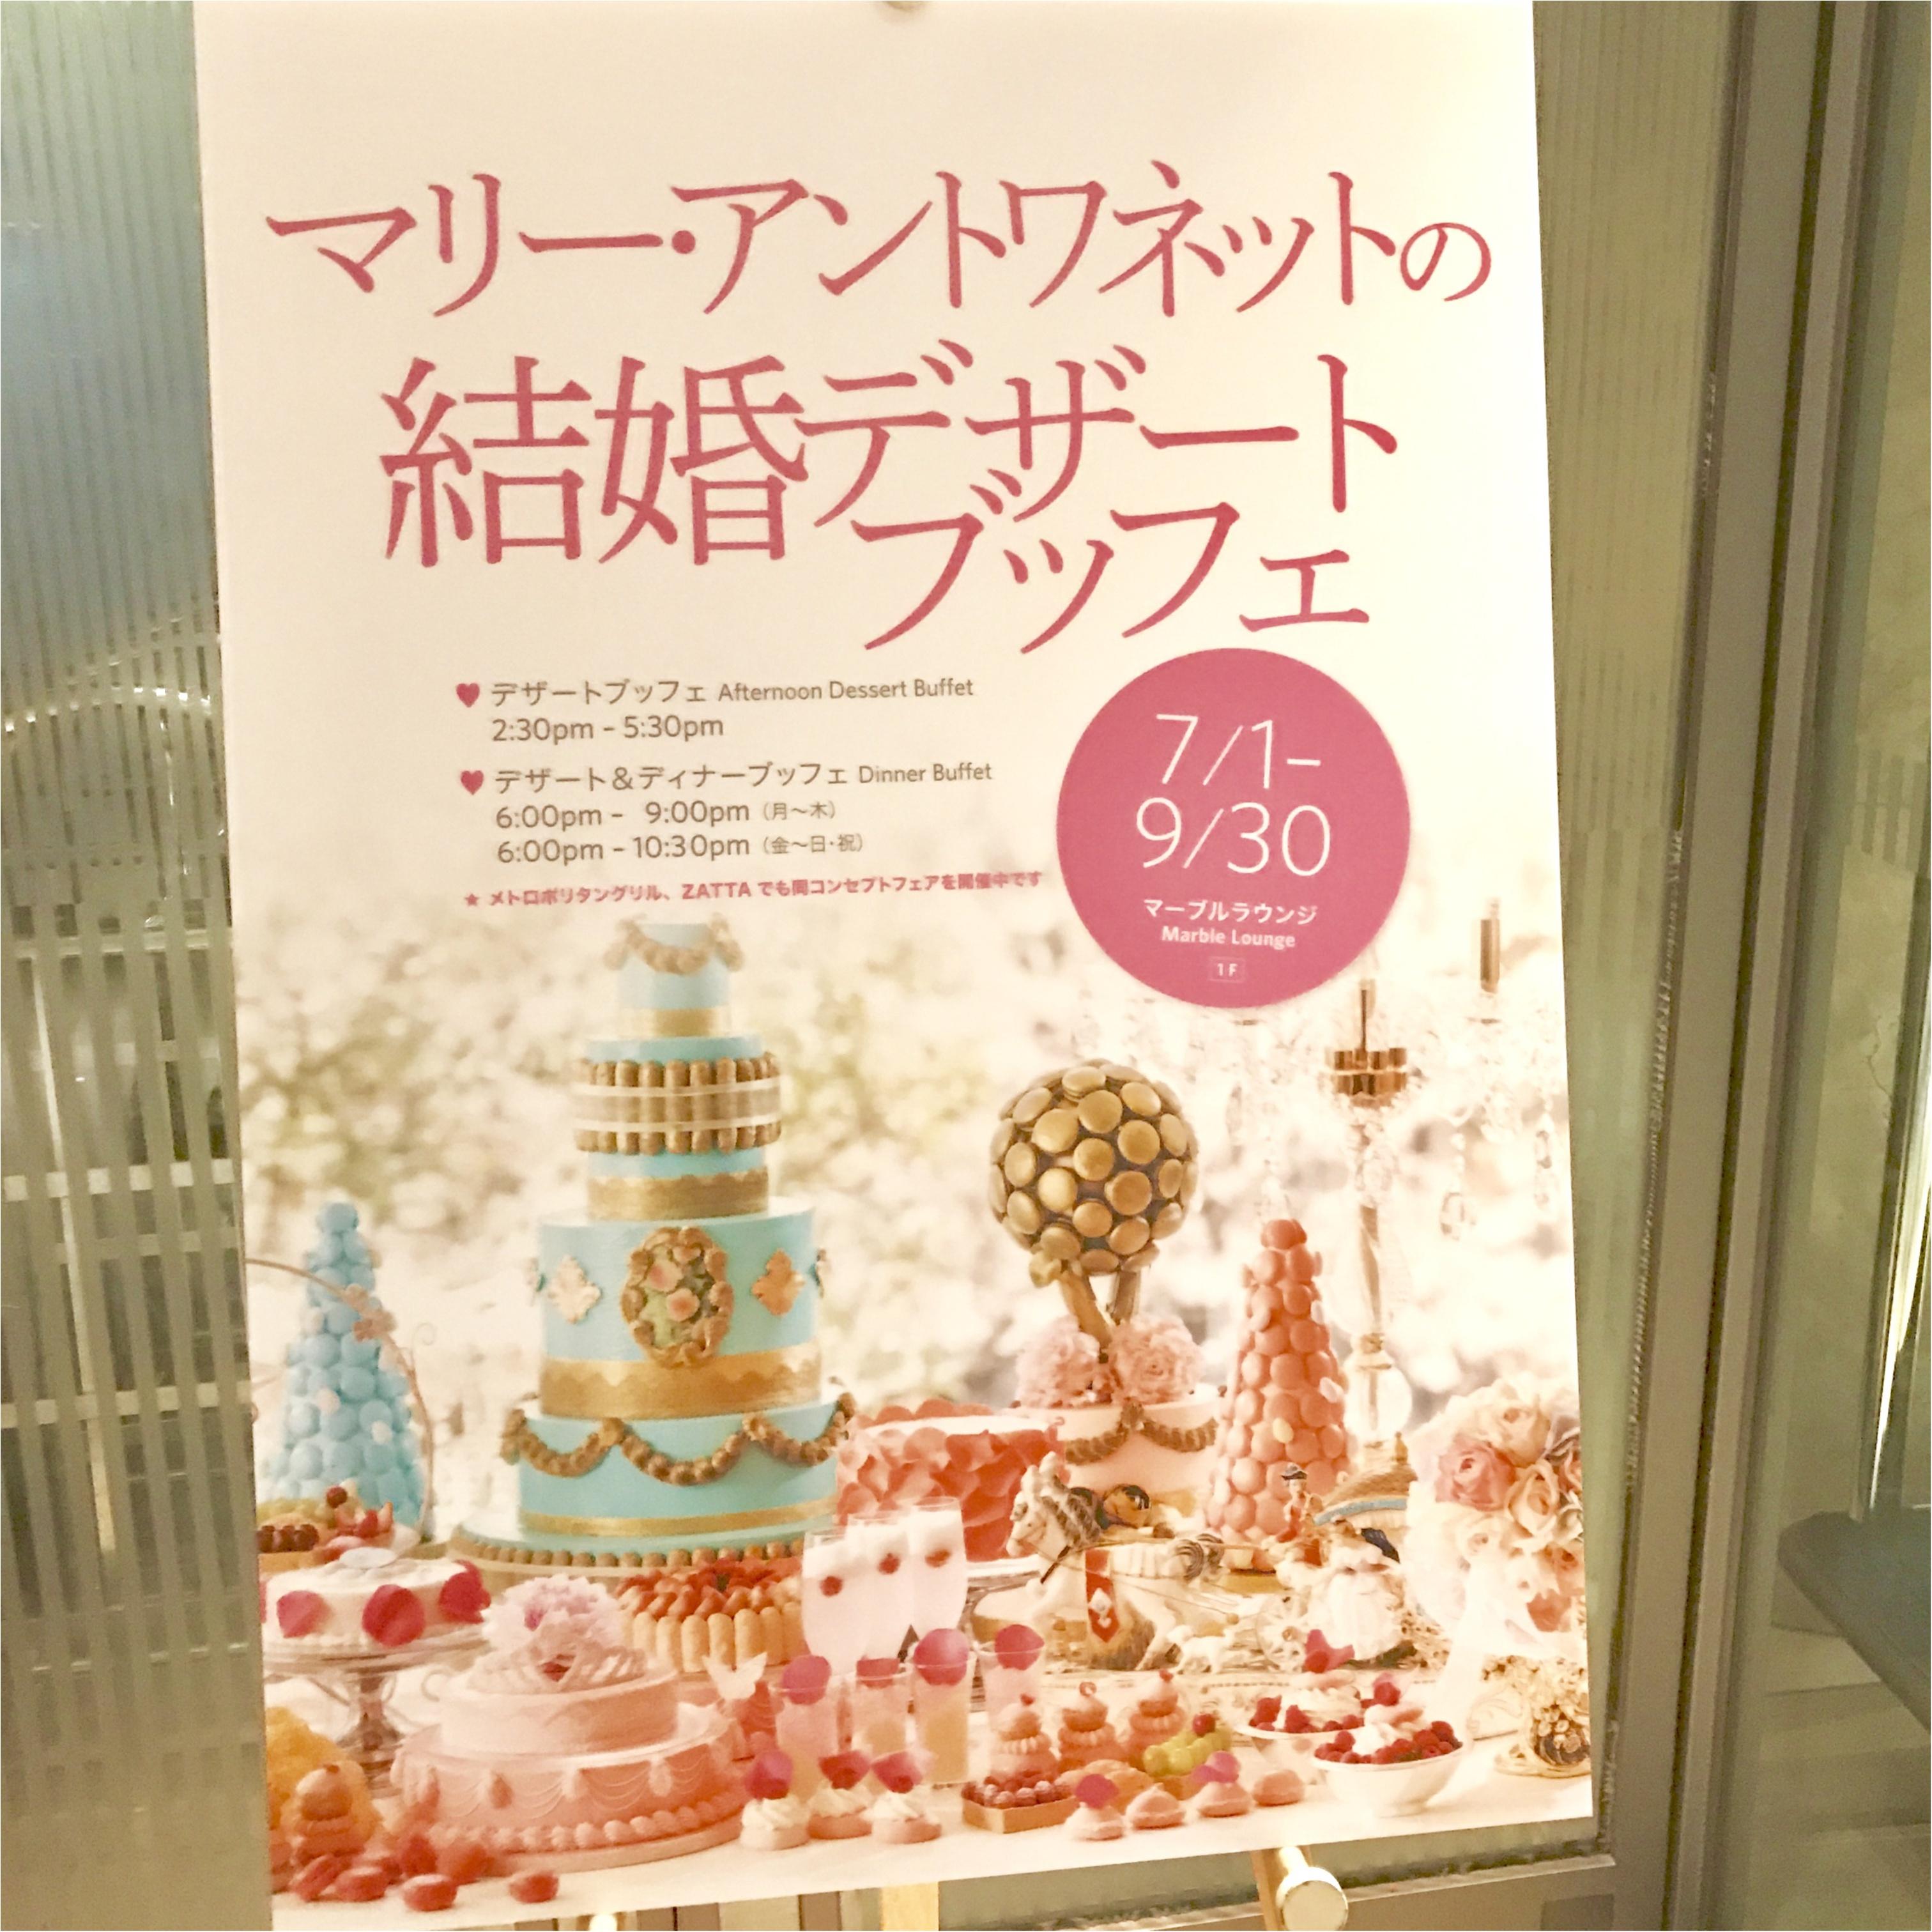 女の子の憧れが詰まった空間♡ヒルトン東京の今季のブッフェは《マリーアントワネットの結婚》がテーマ・:*_1